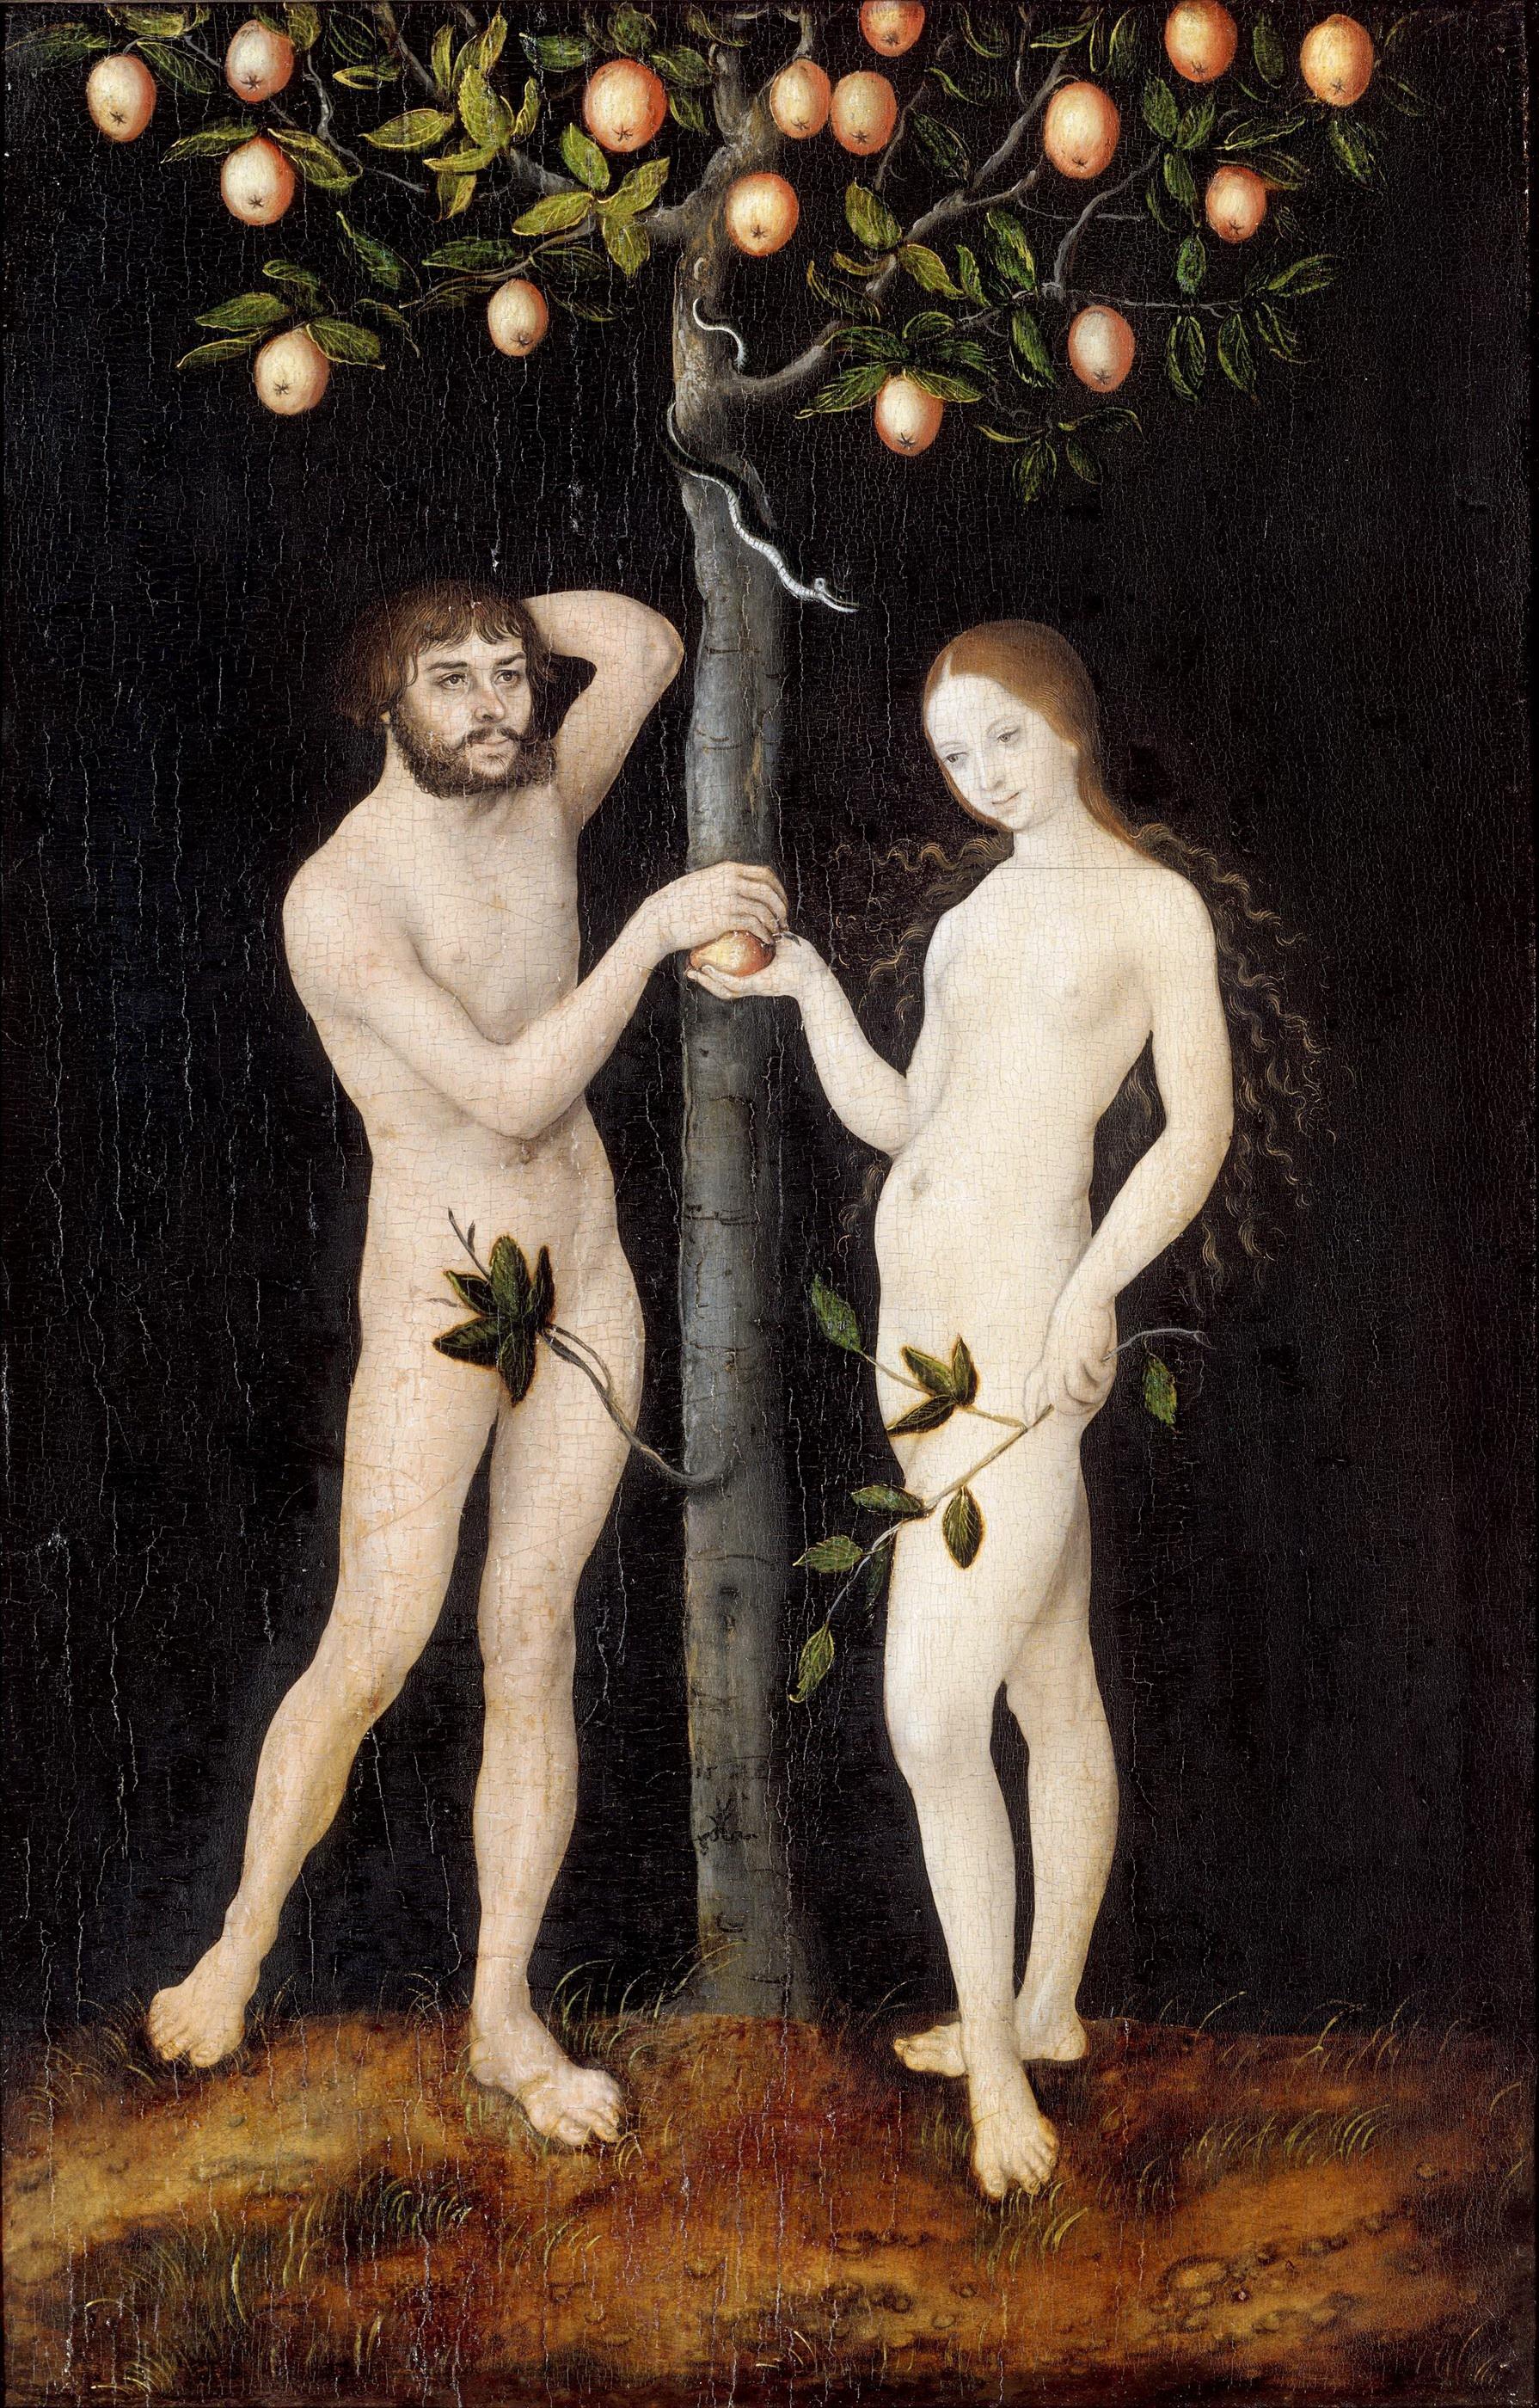 Lucas Cranach I, 1472-1553. Адам и Ева. 1521. Антверпен, Королевский музей изящных искусств